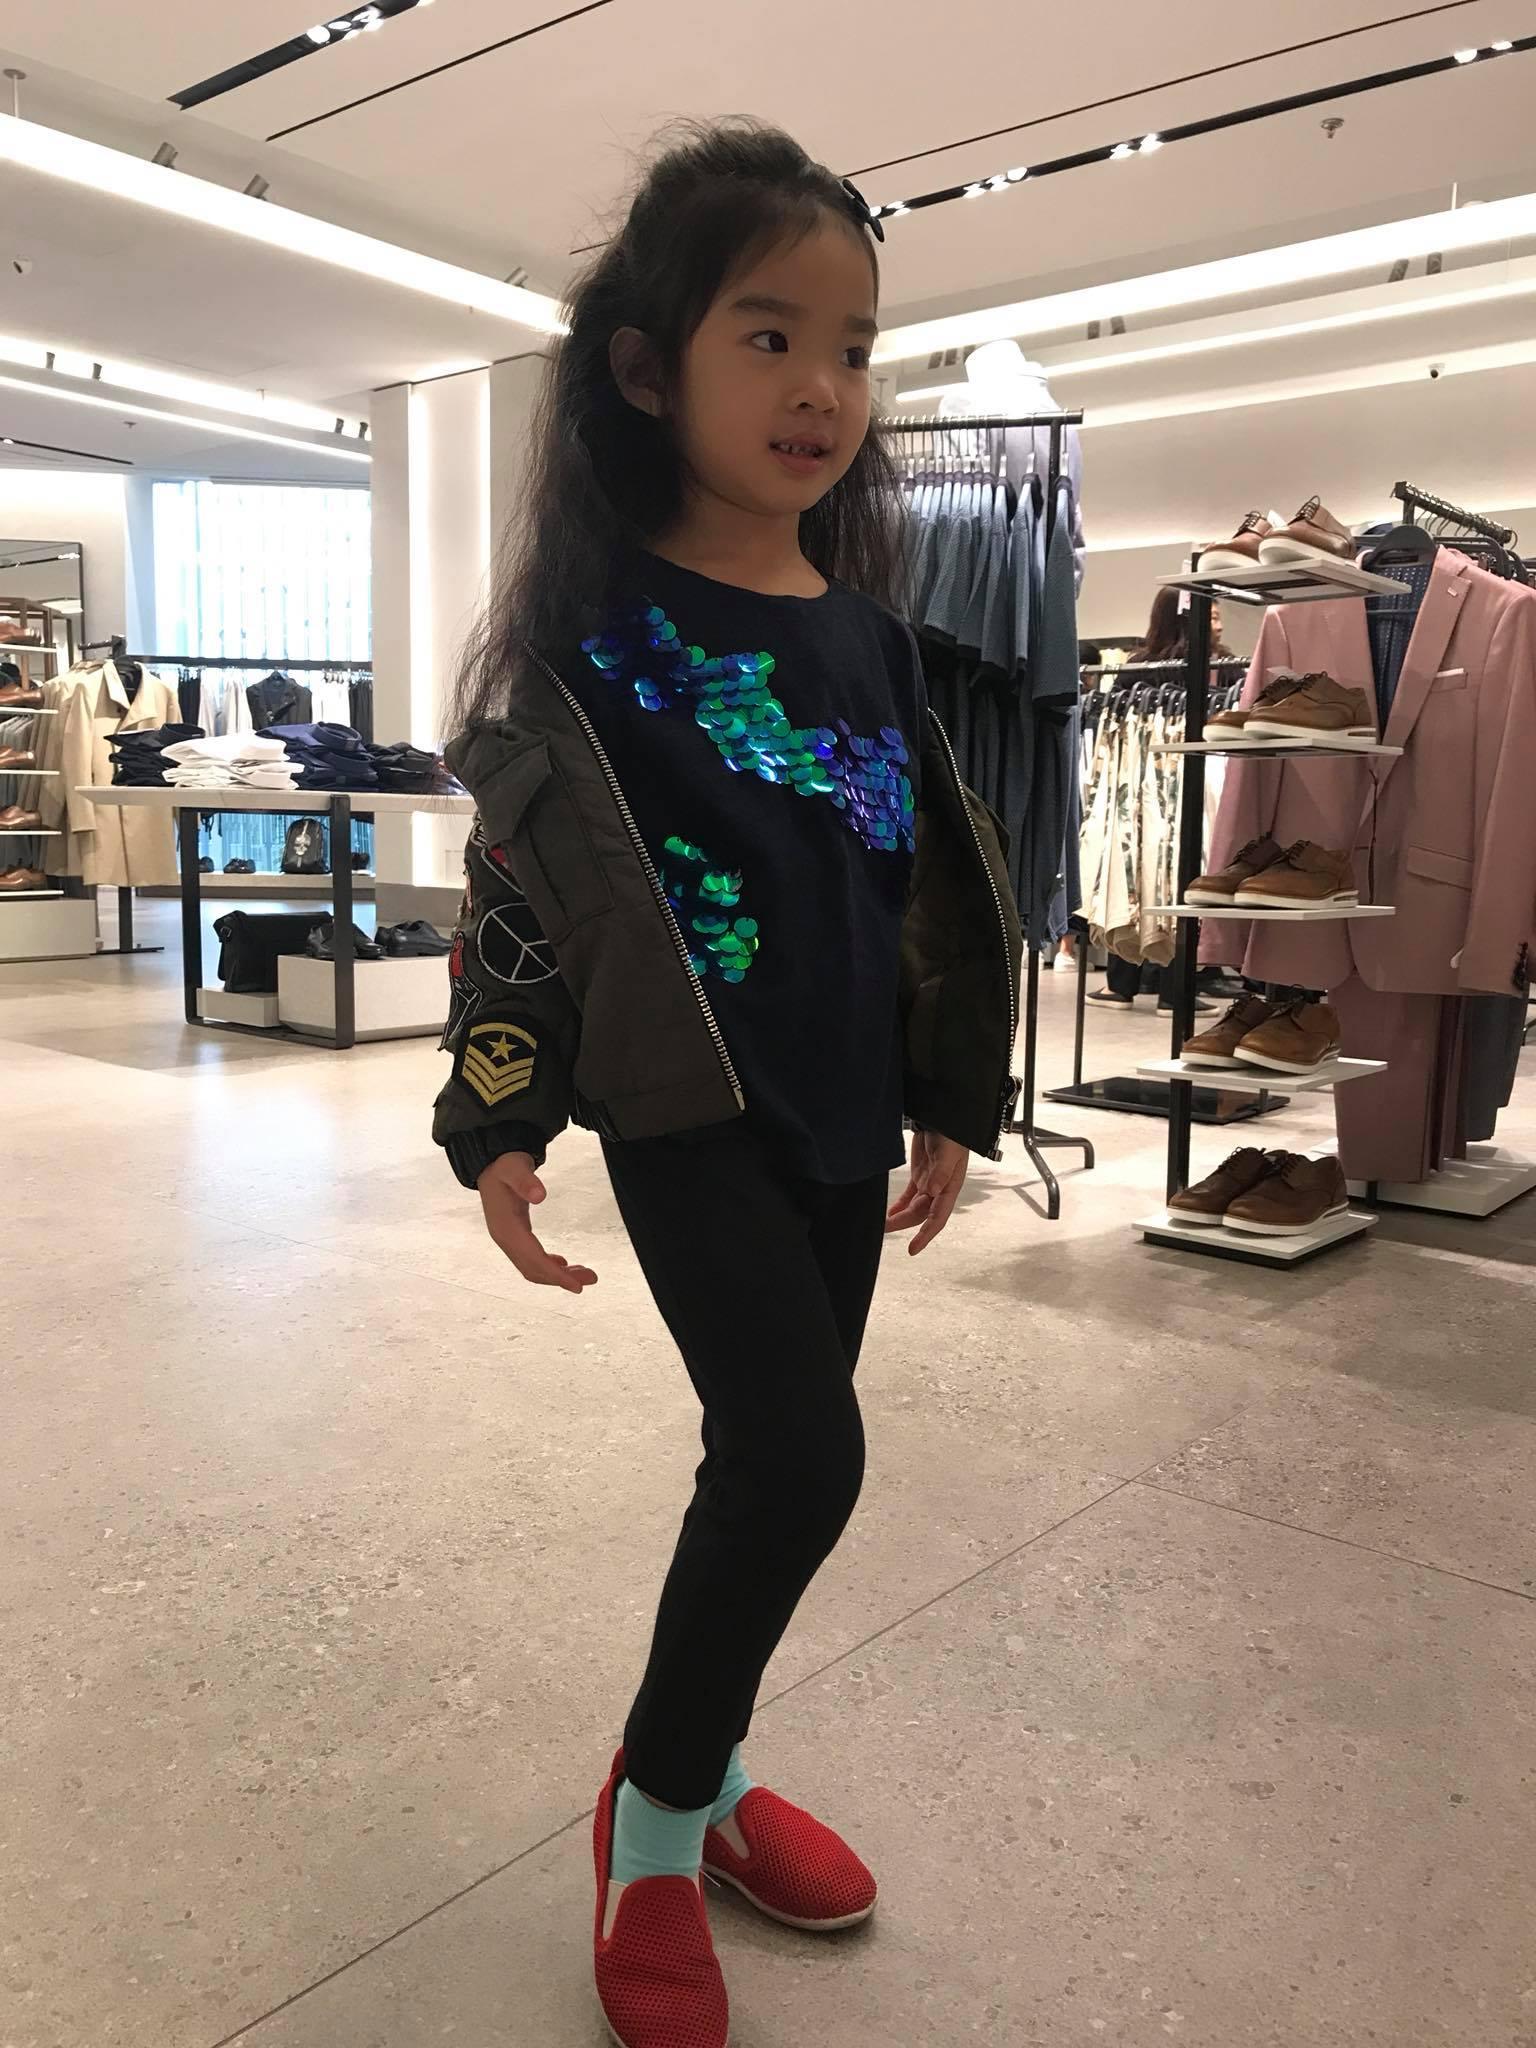 Mới 5 tuổi, bé Thỏ nhà siêu mẫu Xuân Lan đã bộc lộ tố chất người mẫu-3